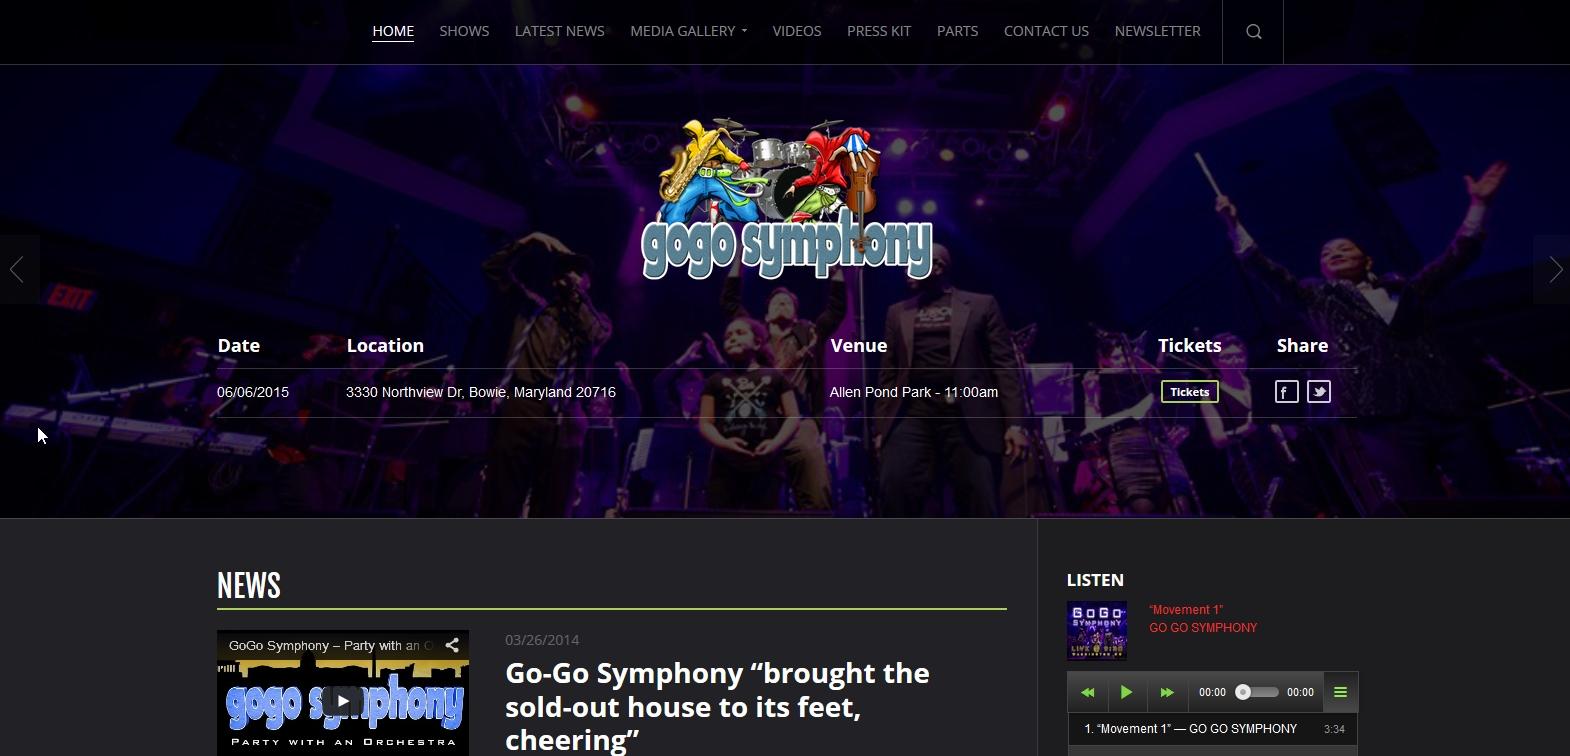 Go-Go Symphony